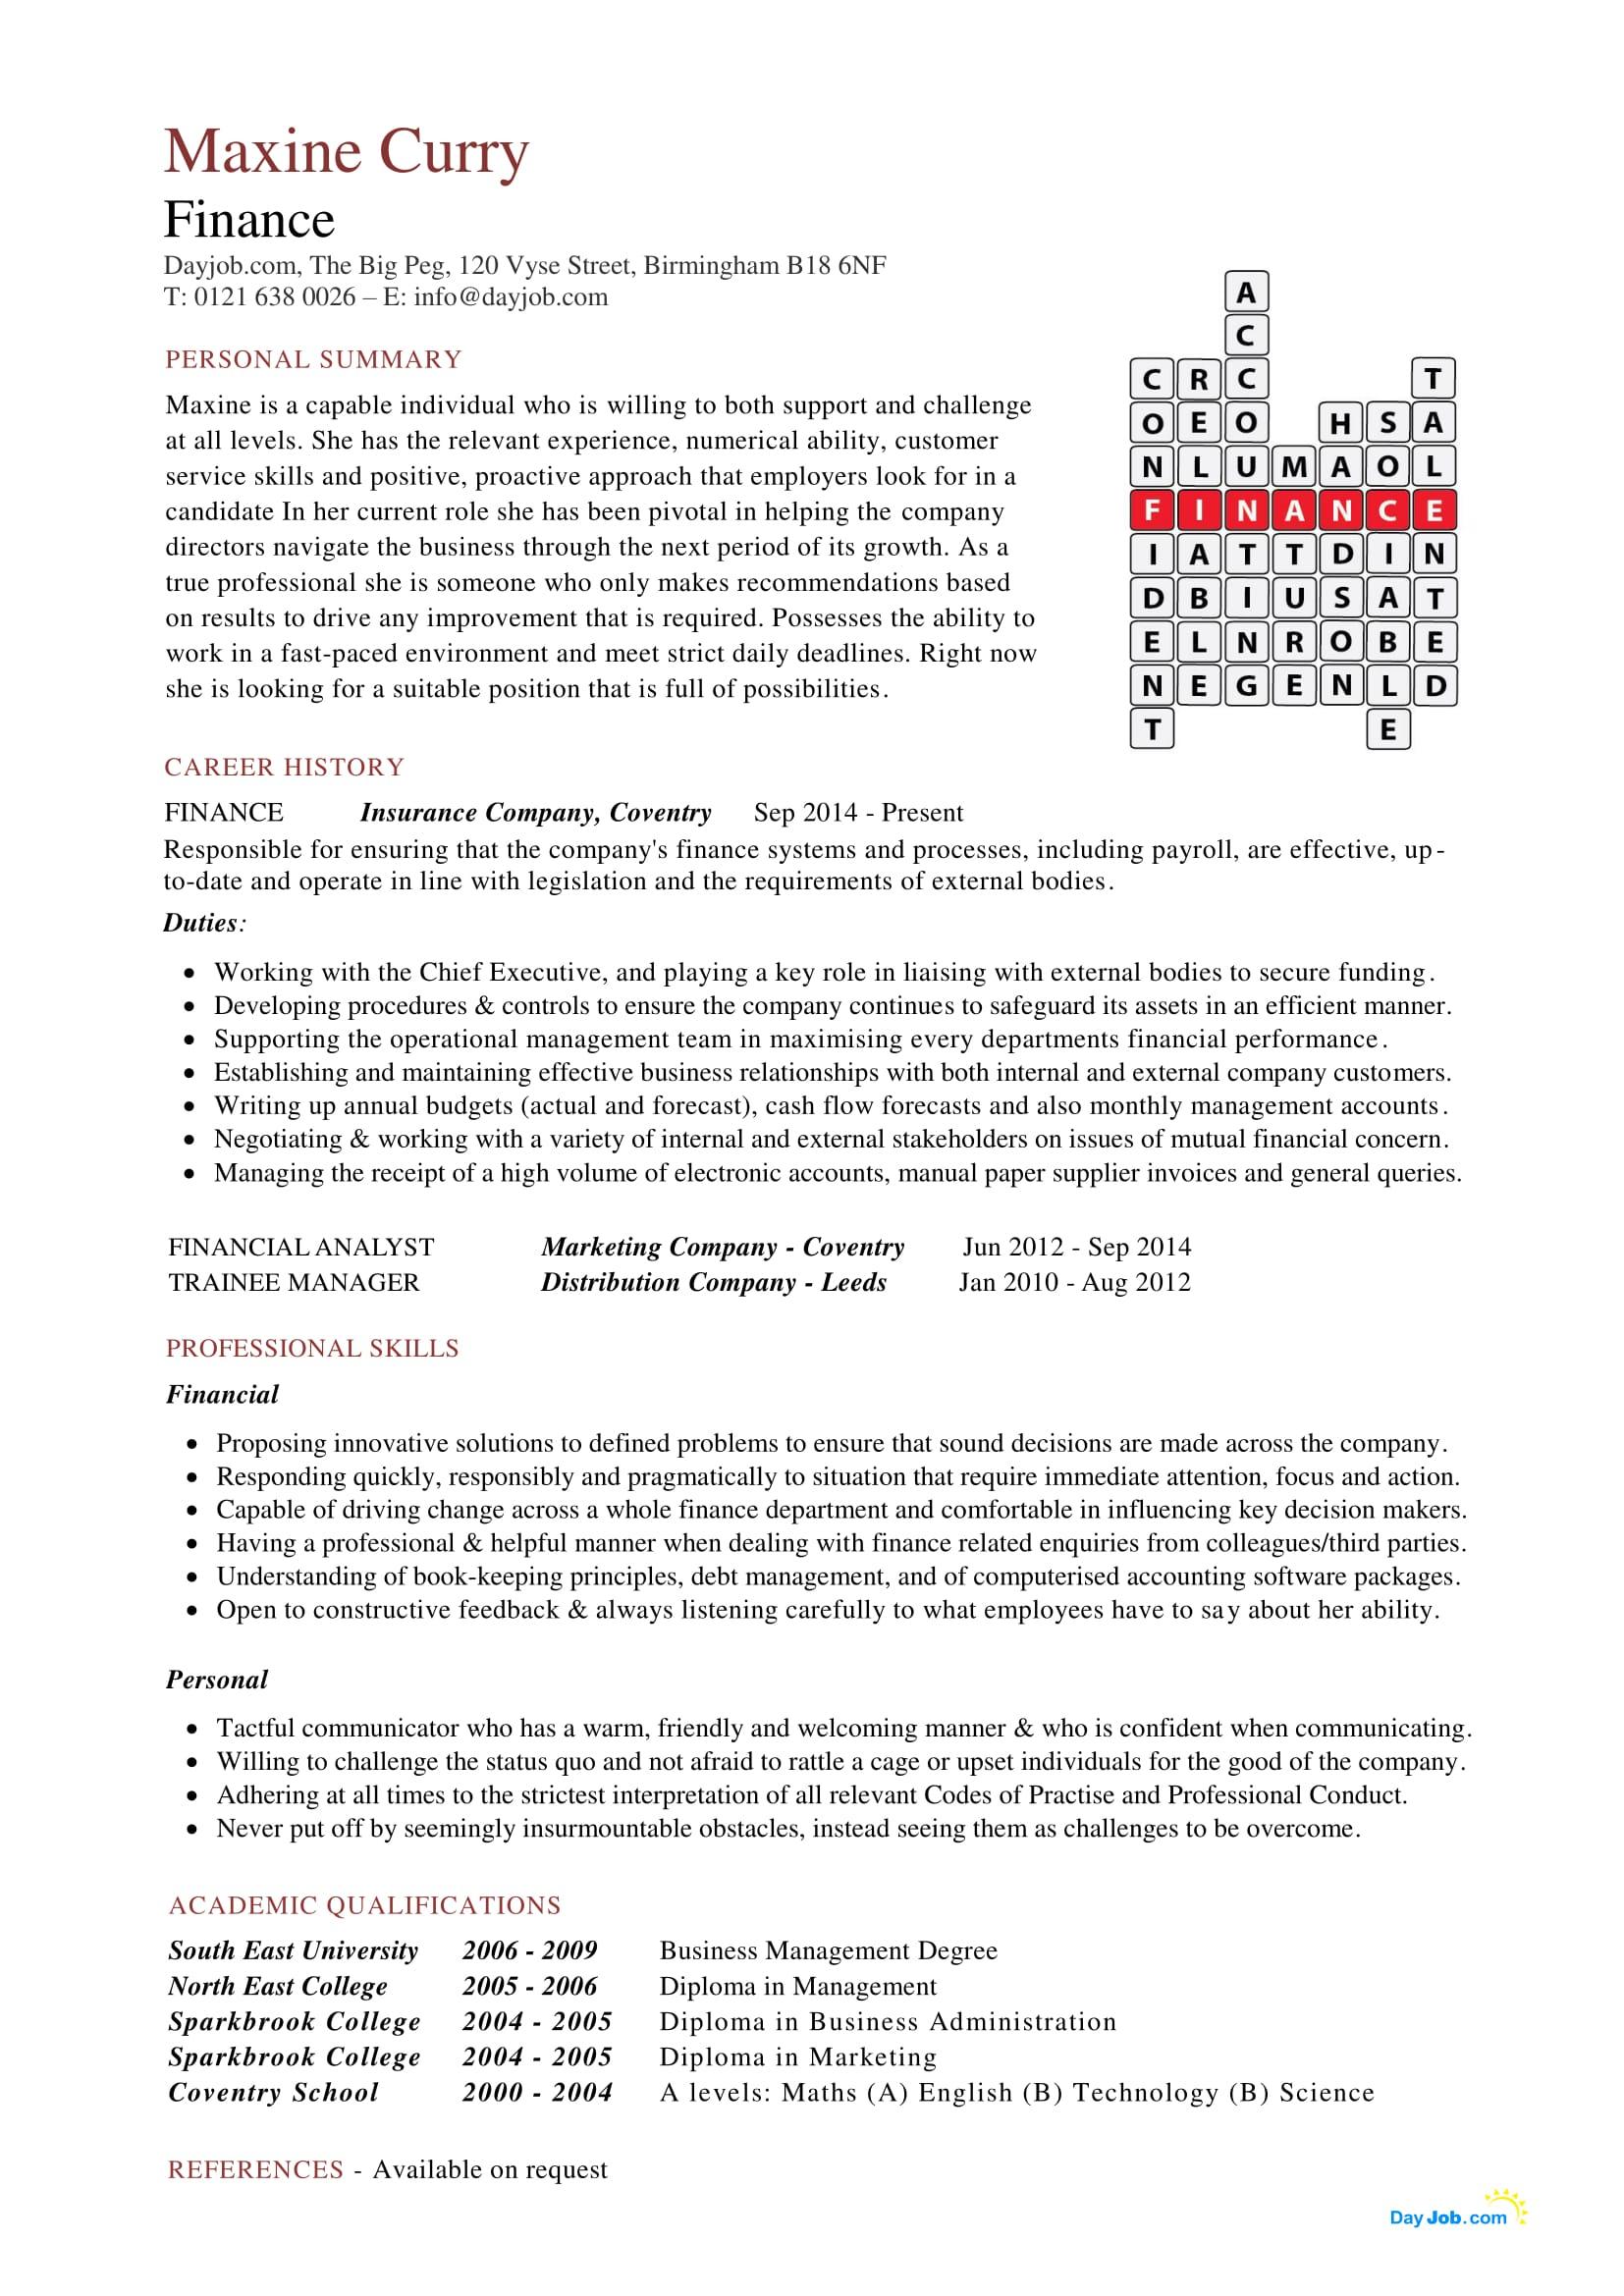 Legislative analyst sample resume